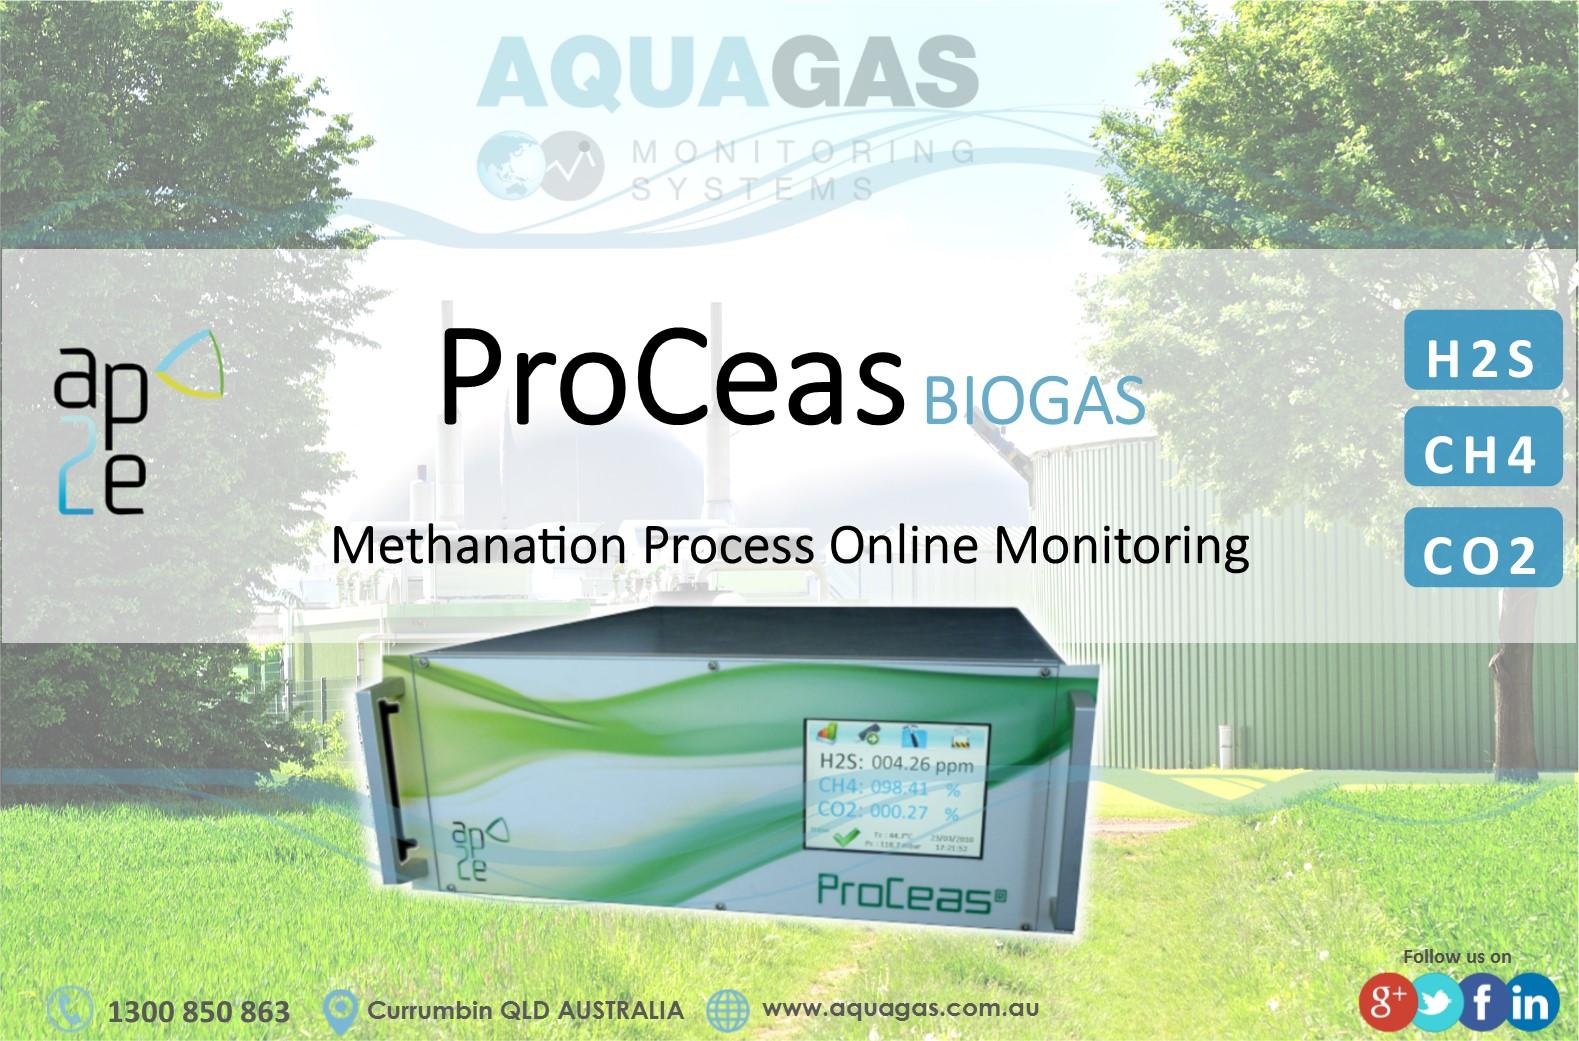 AP2e ProCeas BioGas